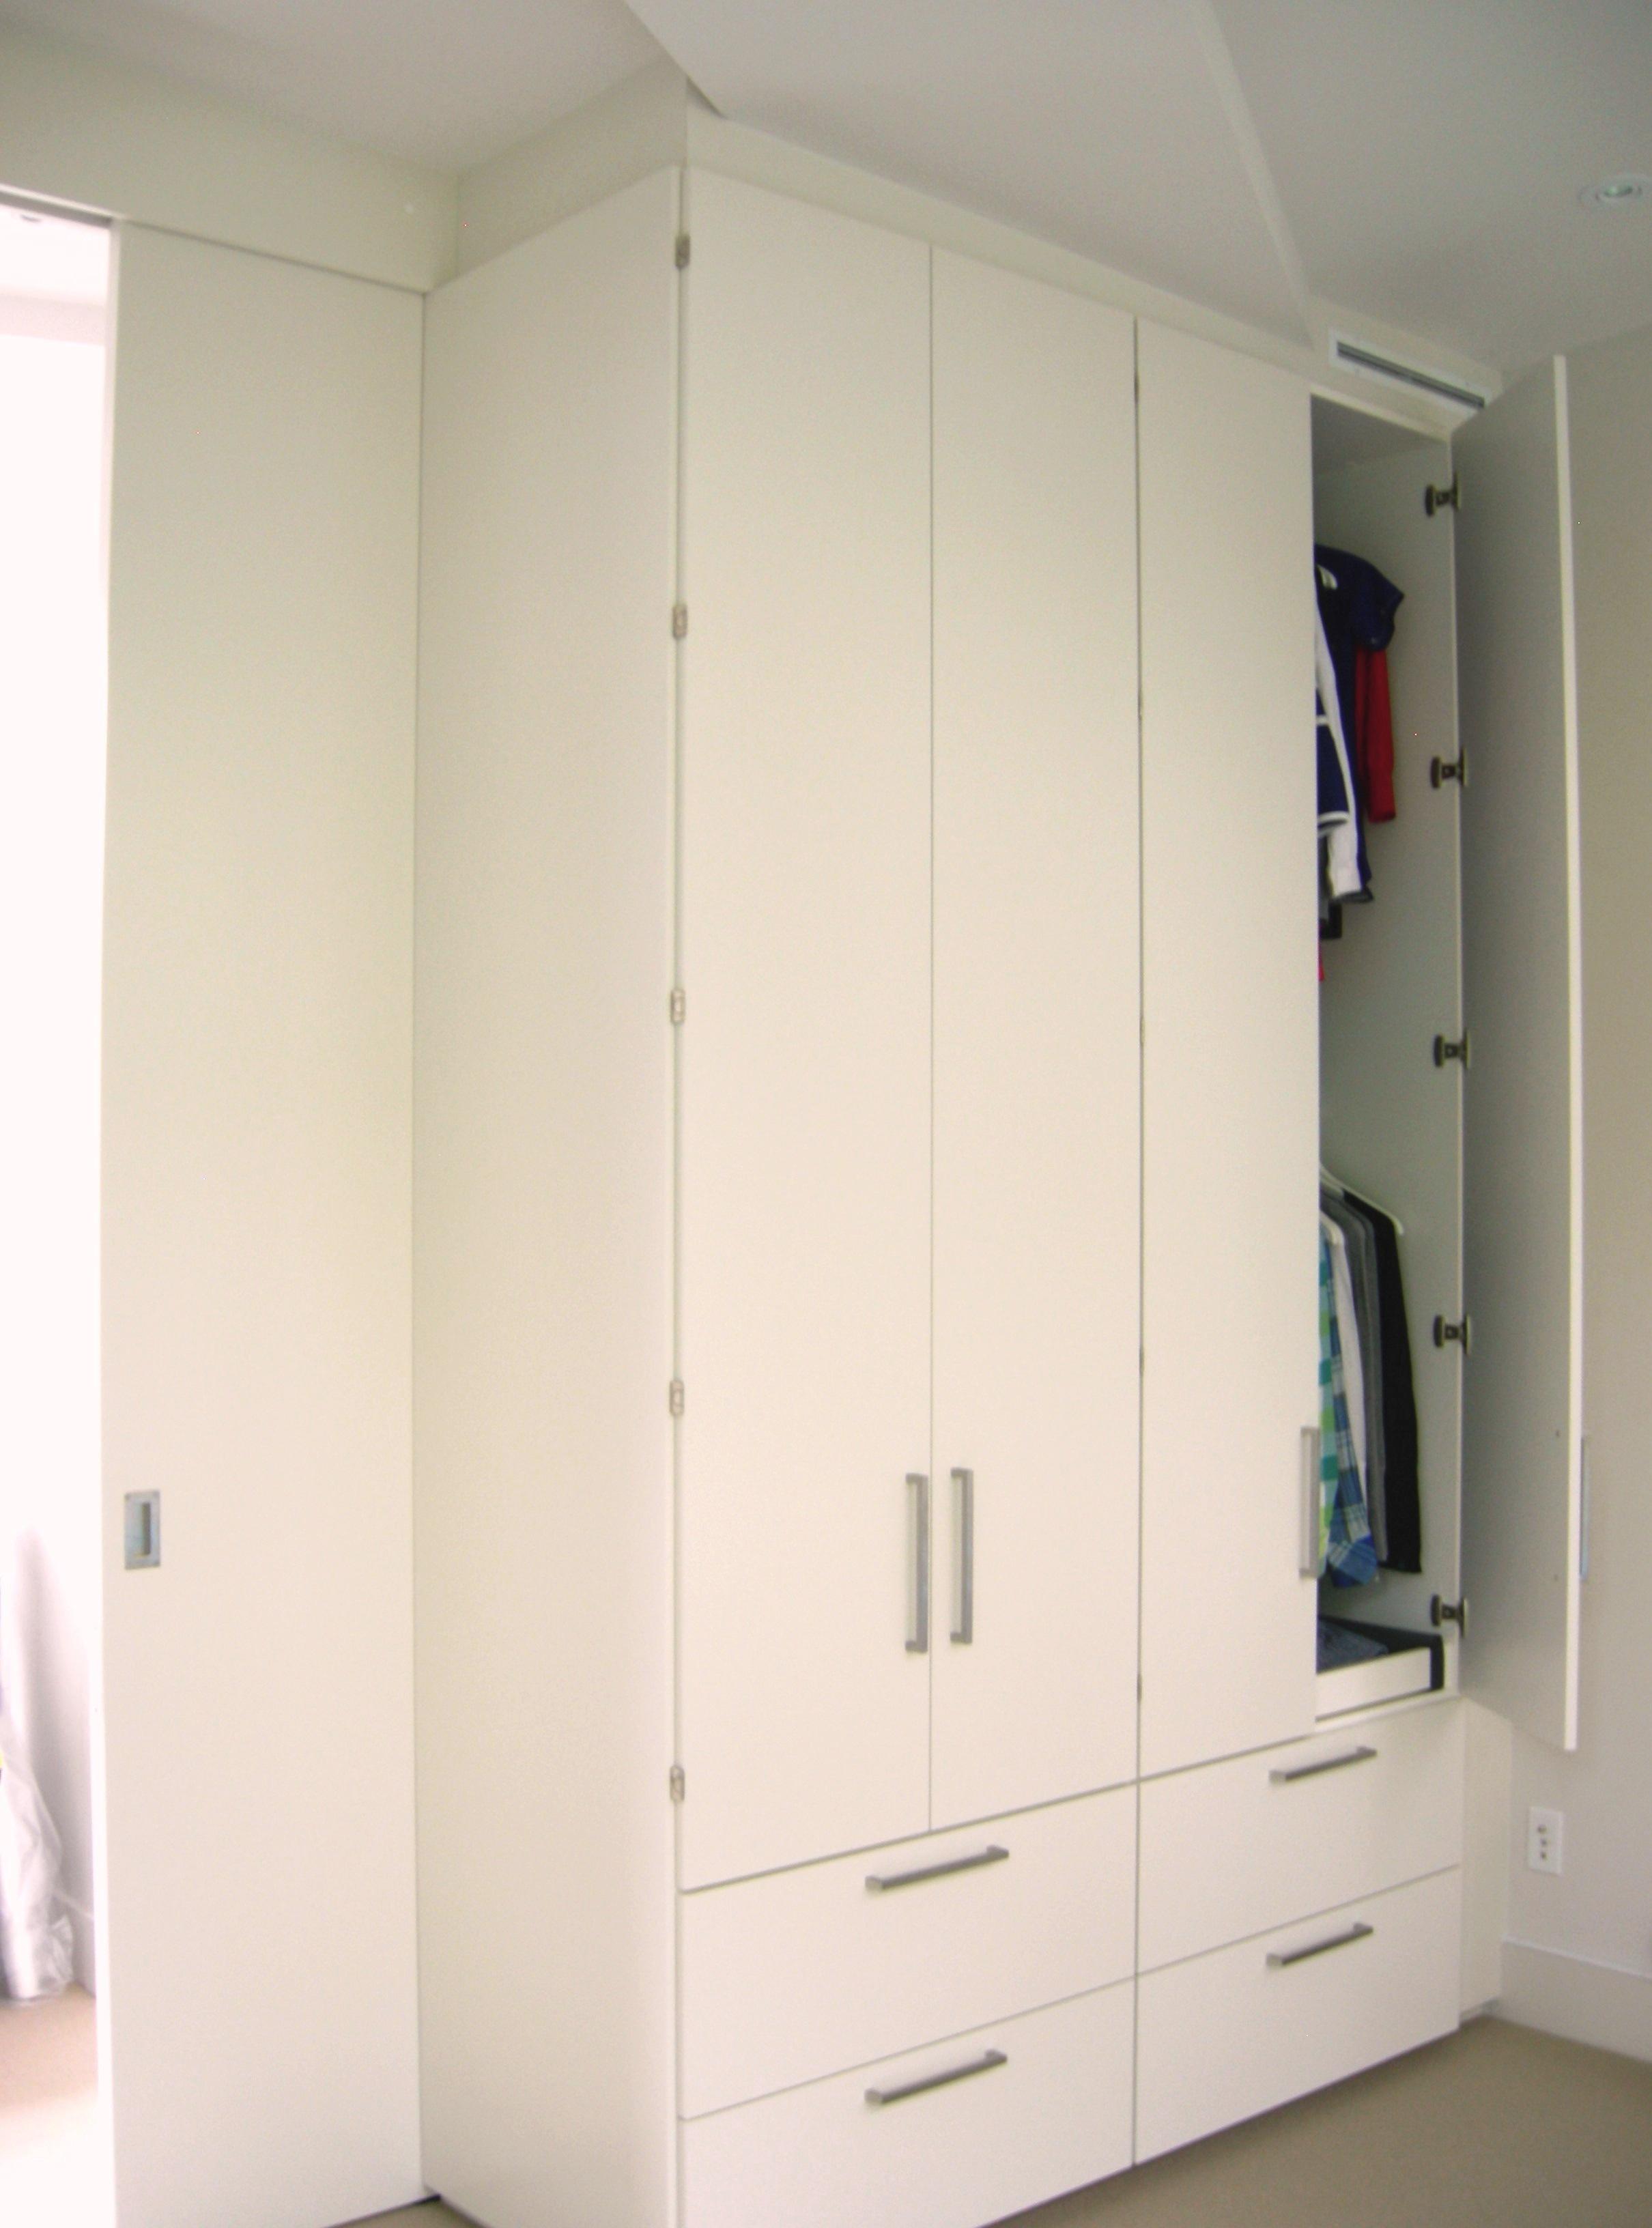 astrid eurway armoire order wardrobe europe modern white closet call to